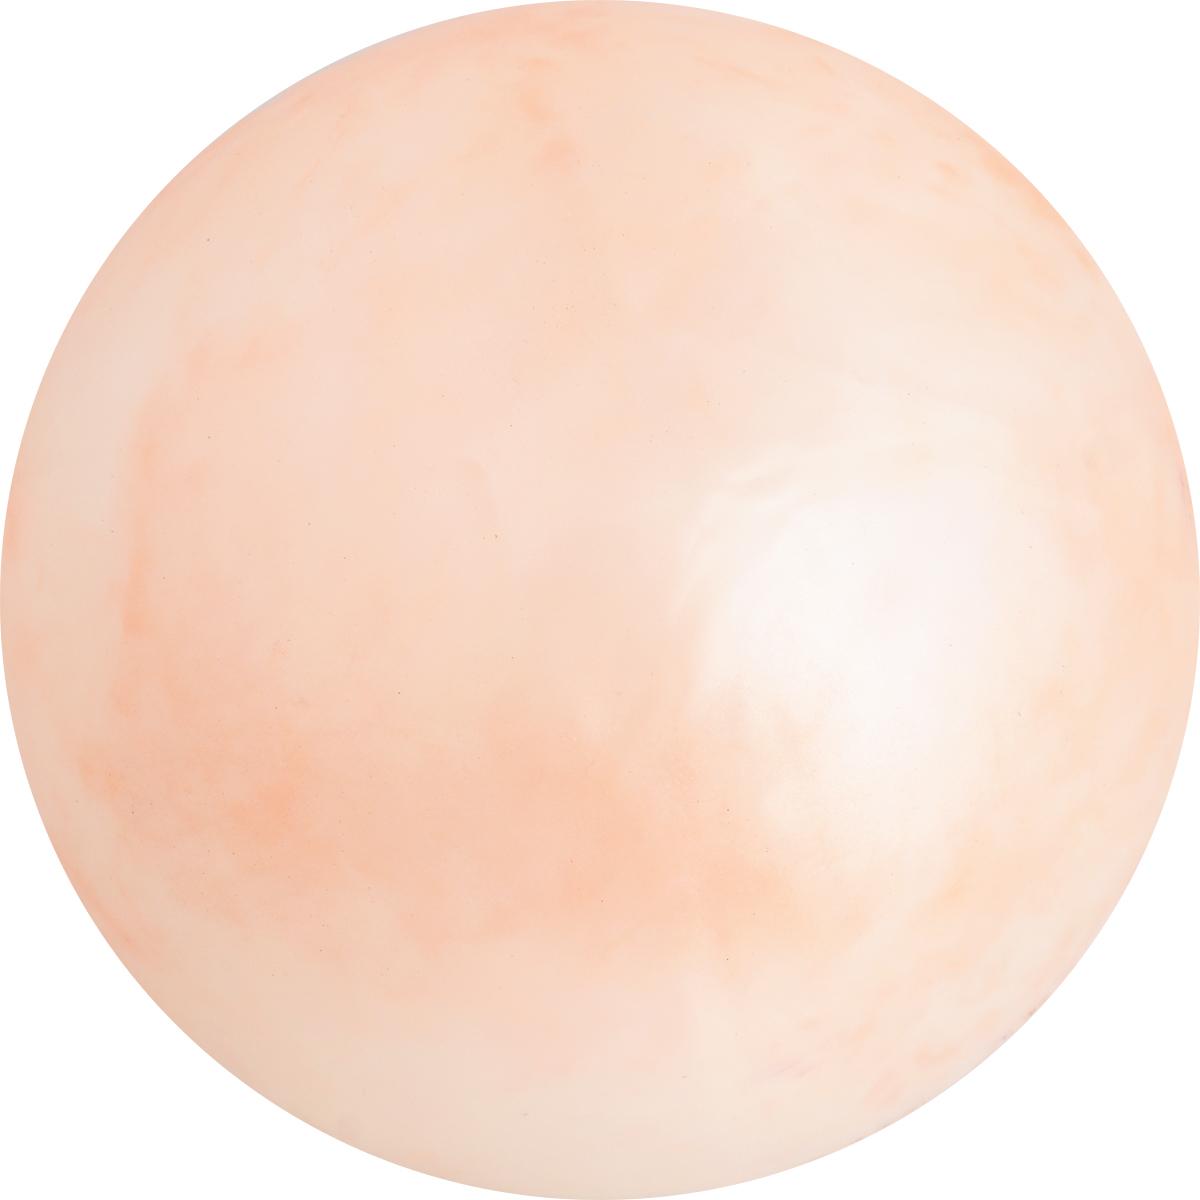 Забияка Мяч Слияние цвета цвет персиковый 20 см подарок малыша